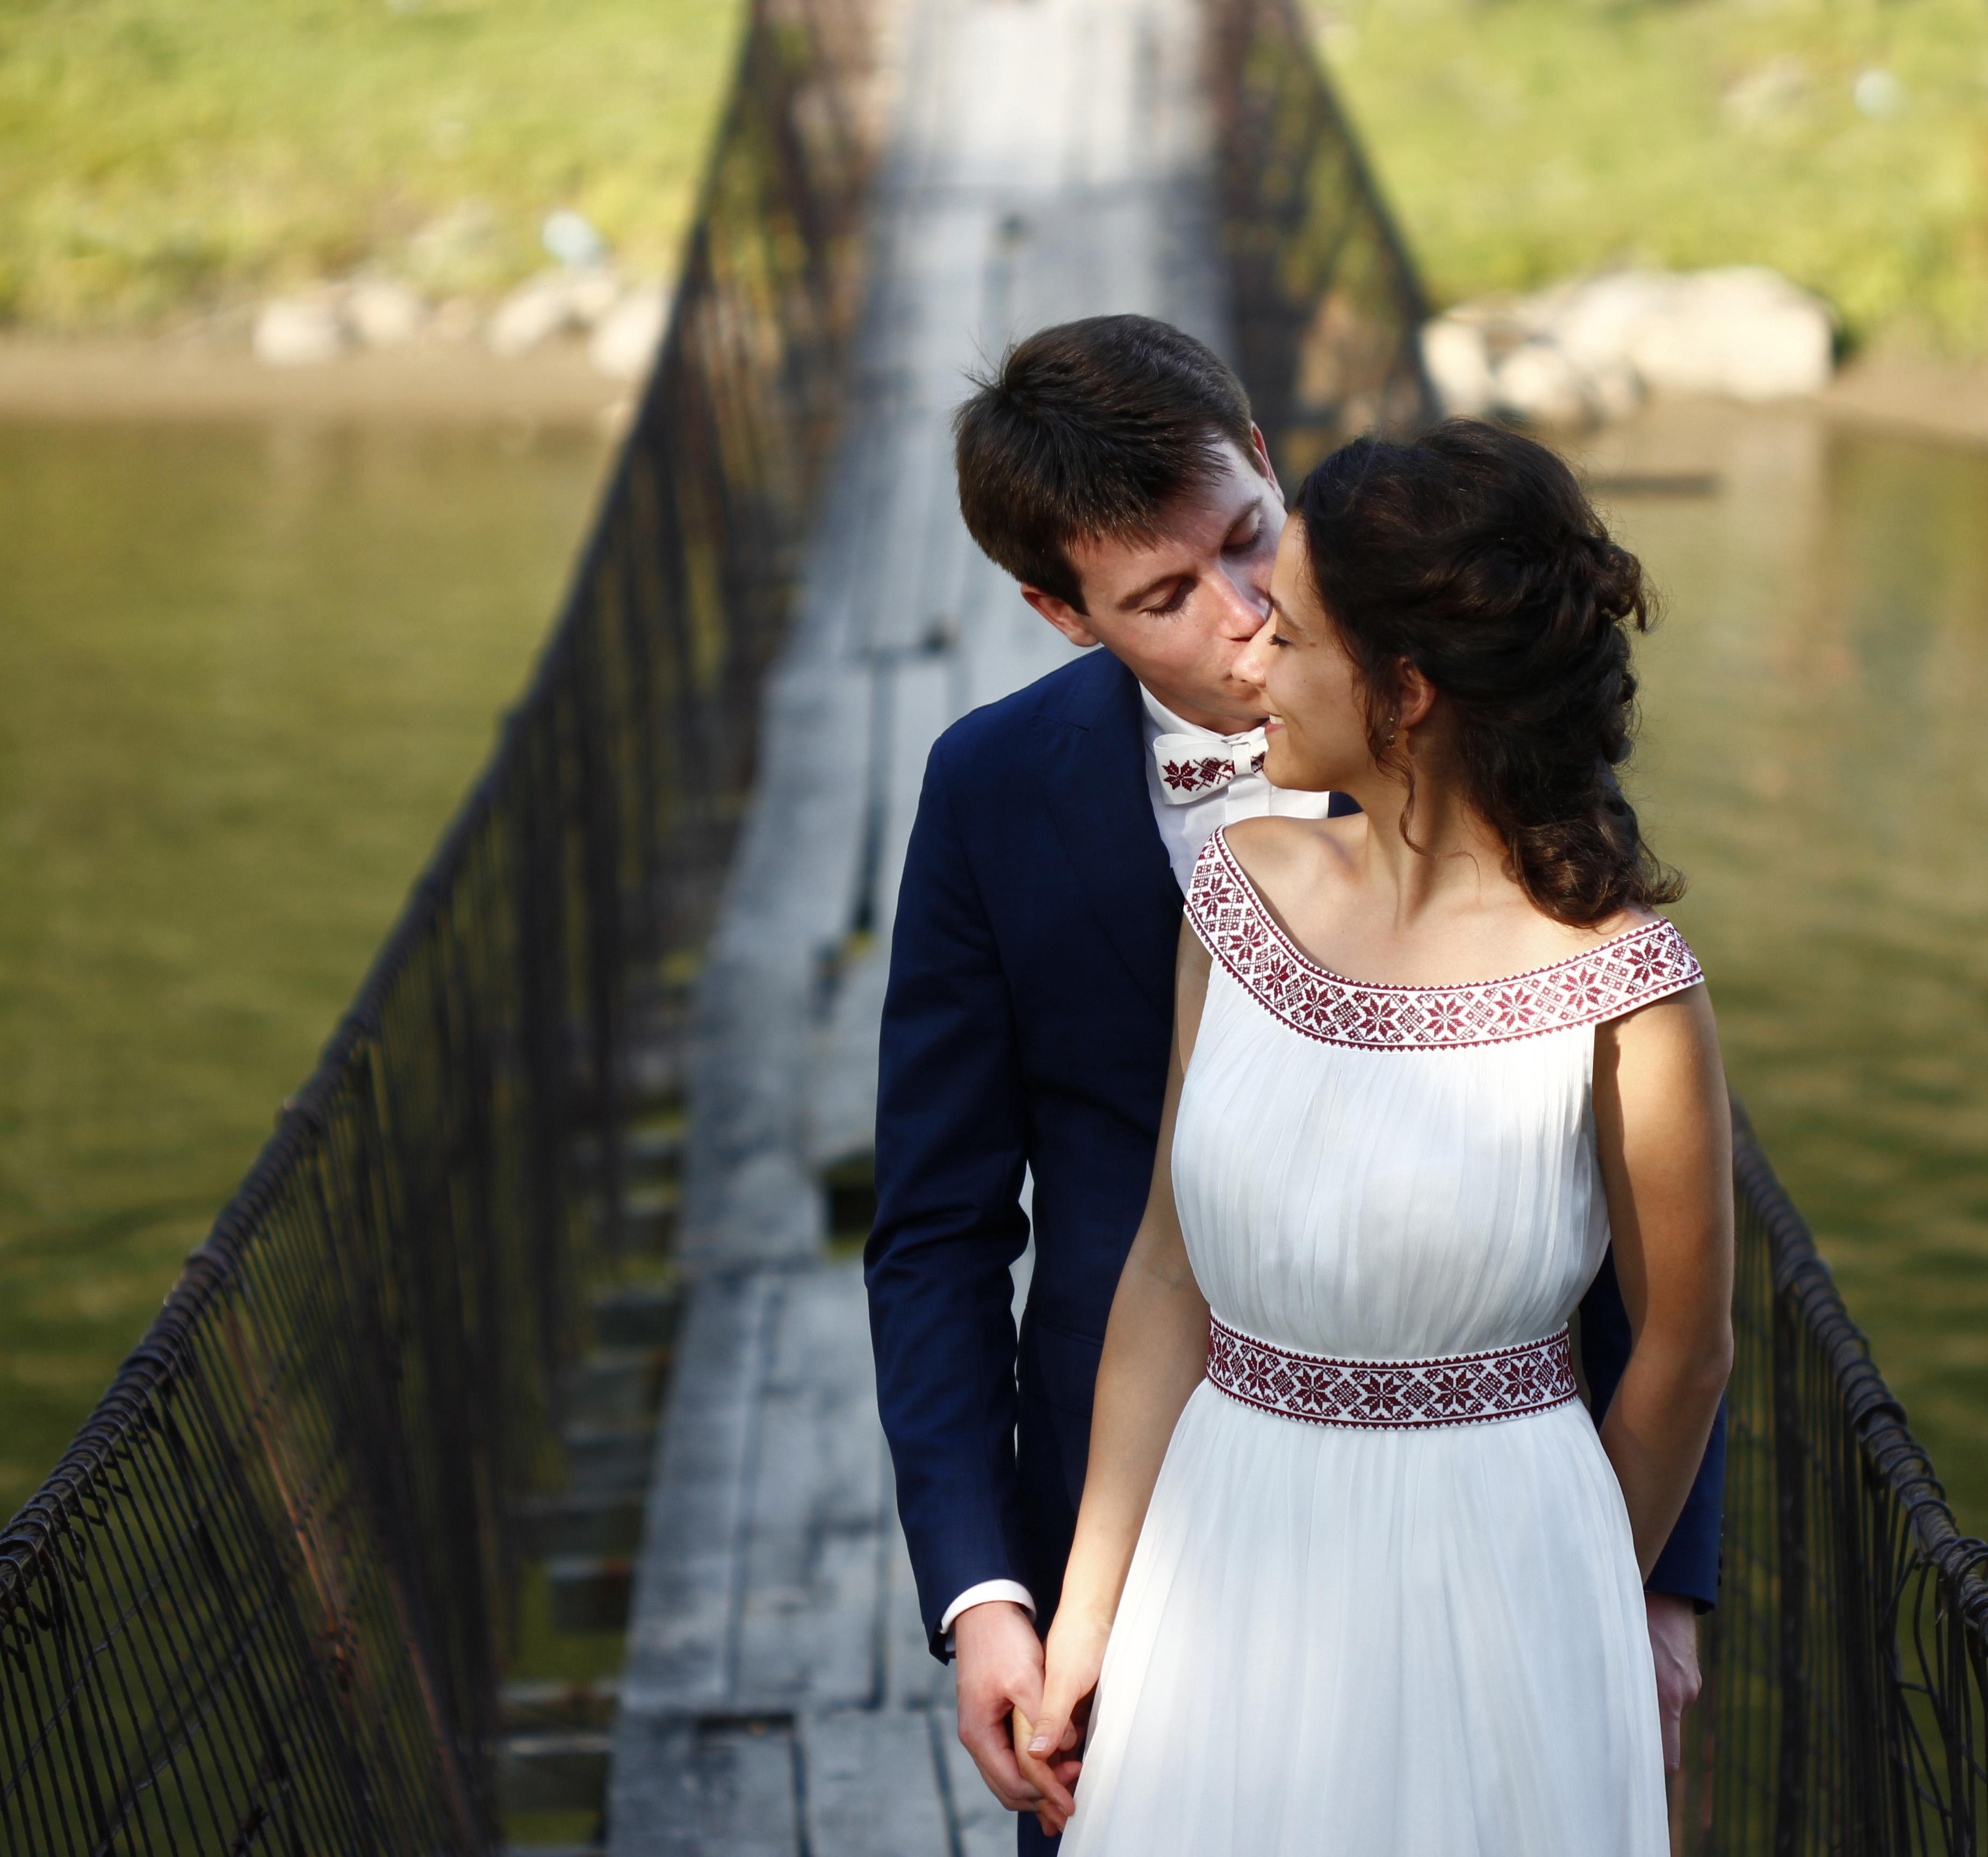 Femeie de intalnire pentru nunta